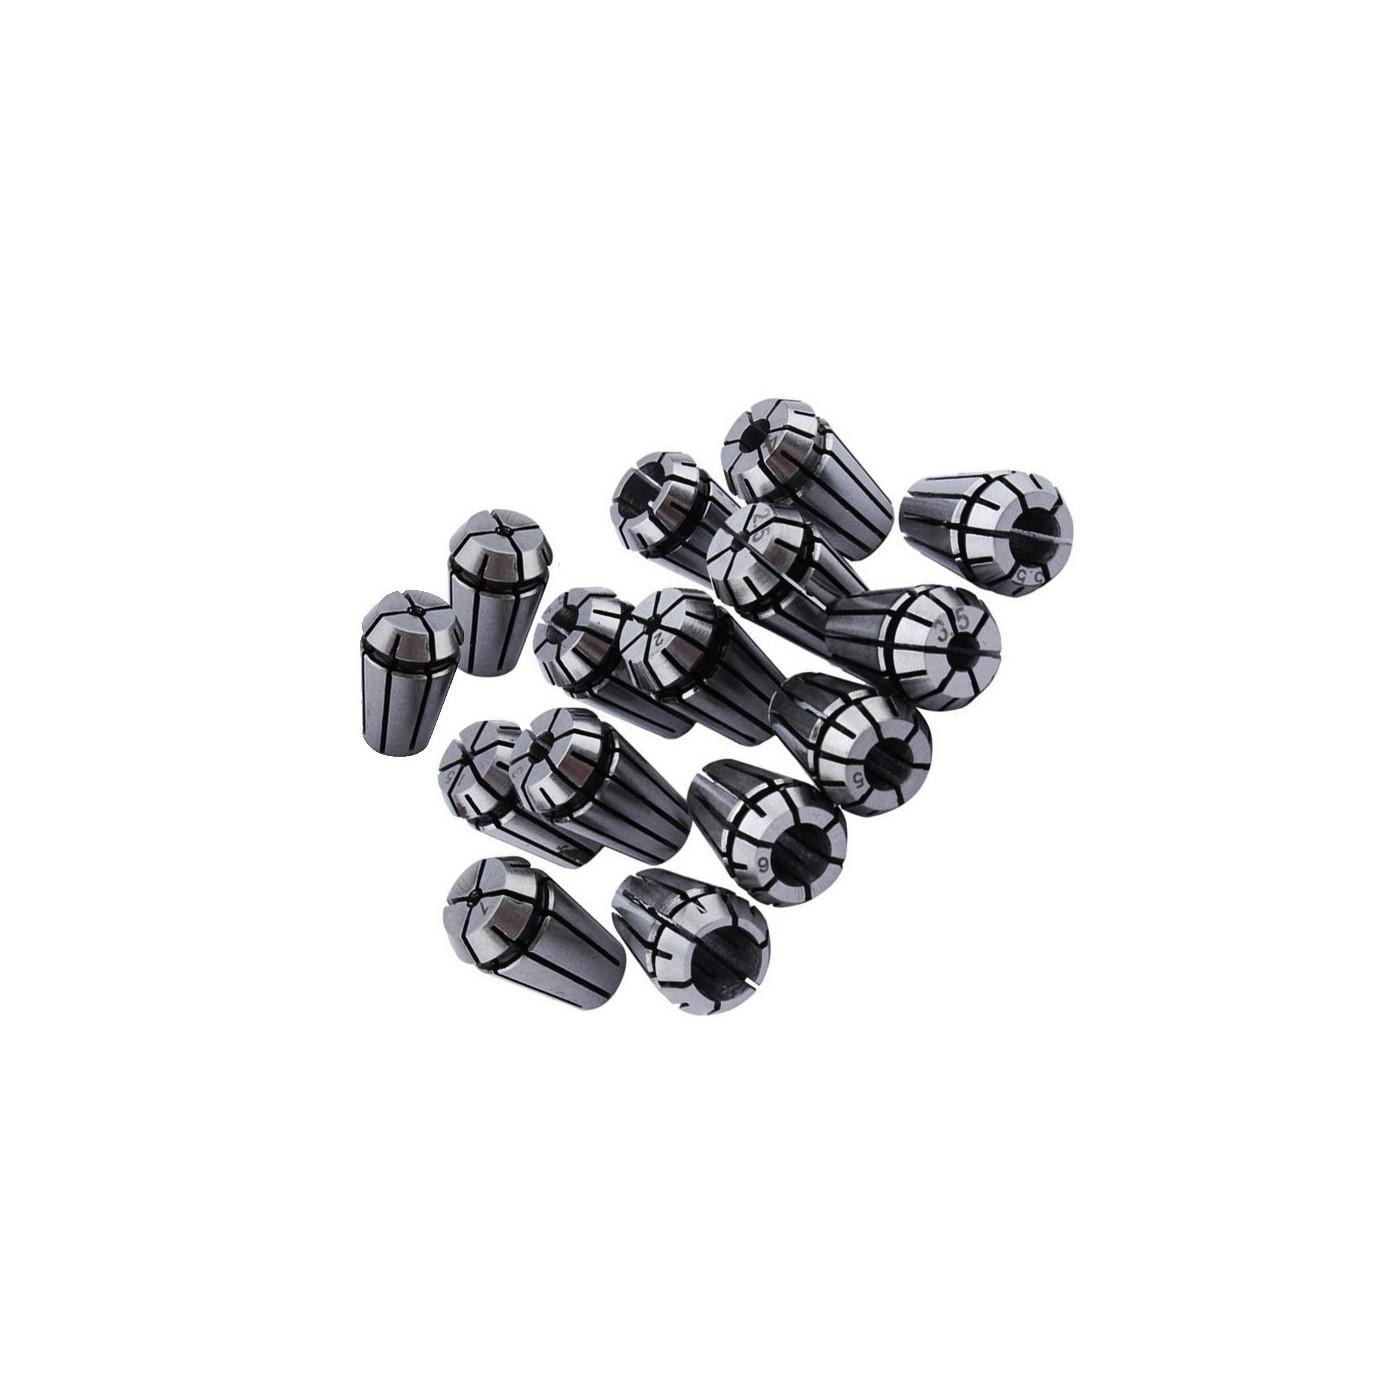 Zestaw uchwytów zaciskowych ER11 (15 sztuk, 1-7 mm, w tym 1/8 inch, 1/4 inch)  - 1